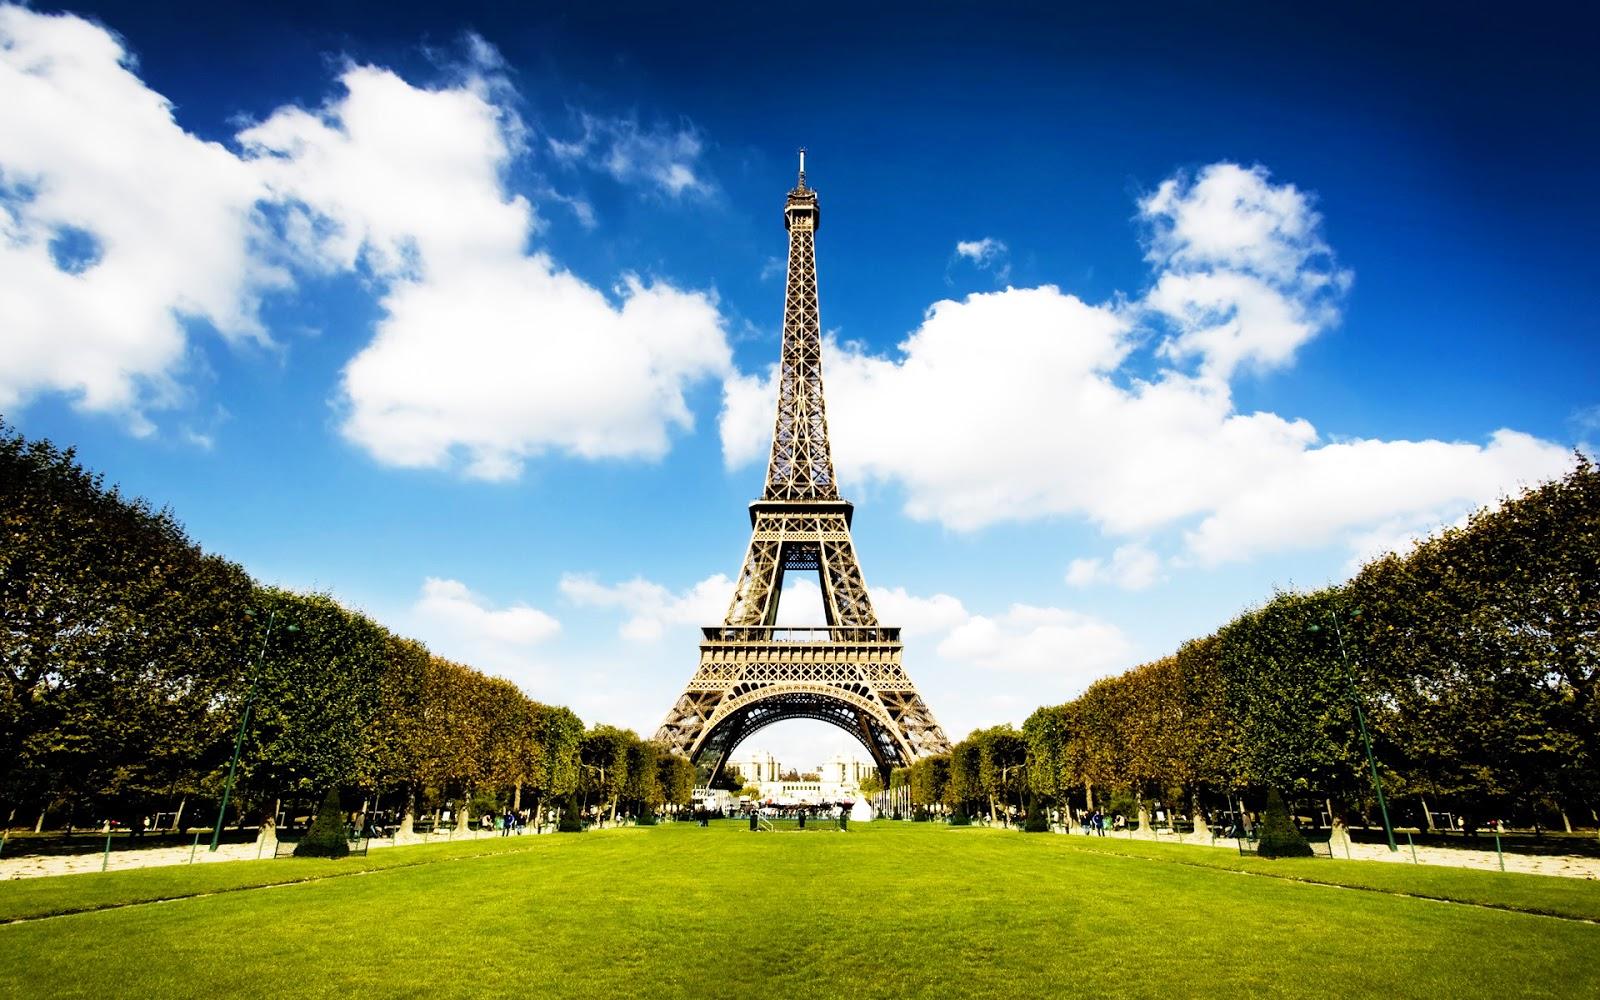 Eiffel tower paris city landscapes hd wallpapers hd nature wallpapers - Landscaping parijs ...